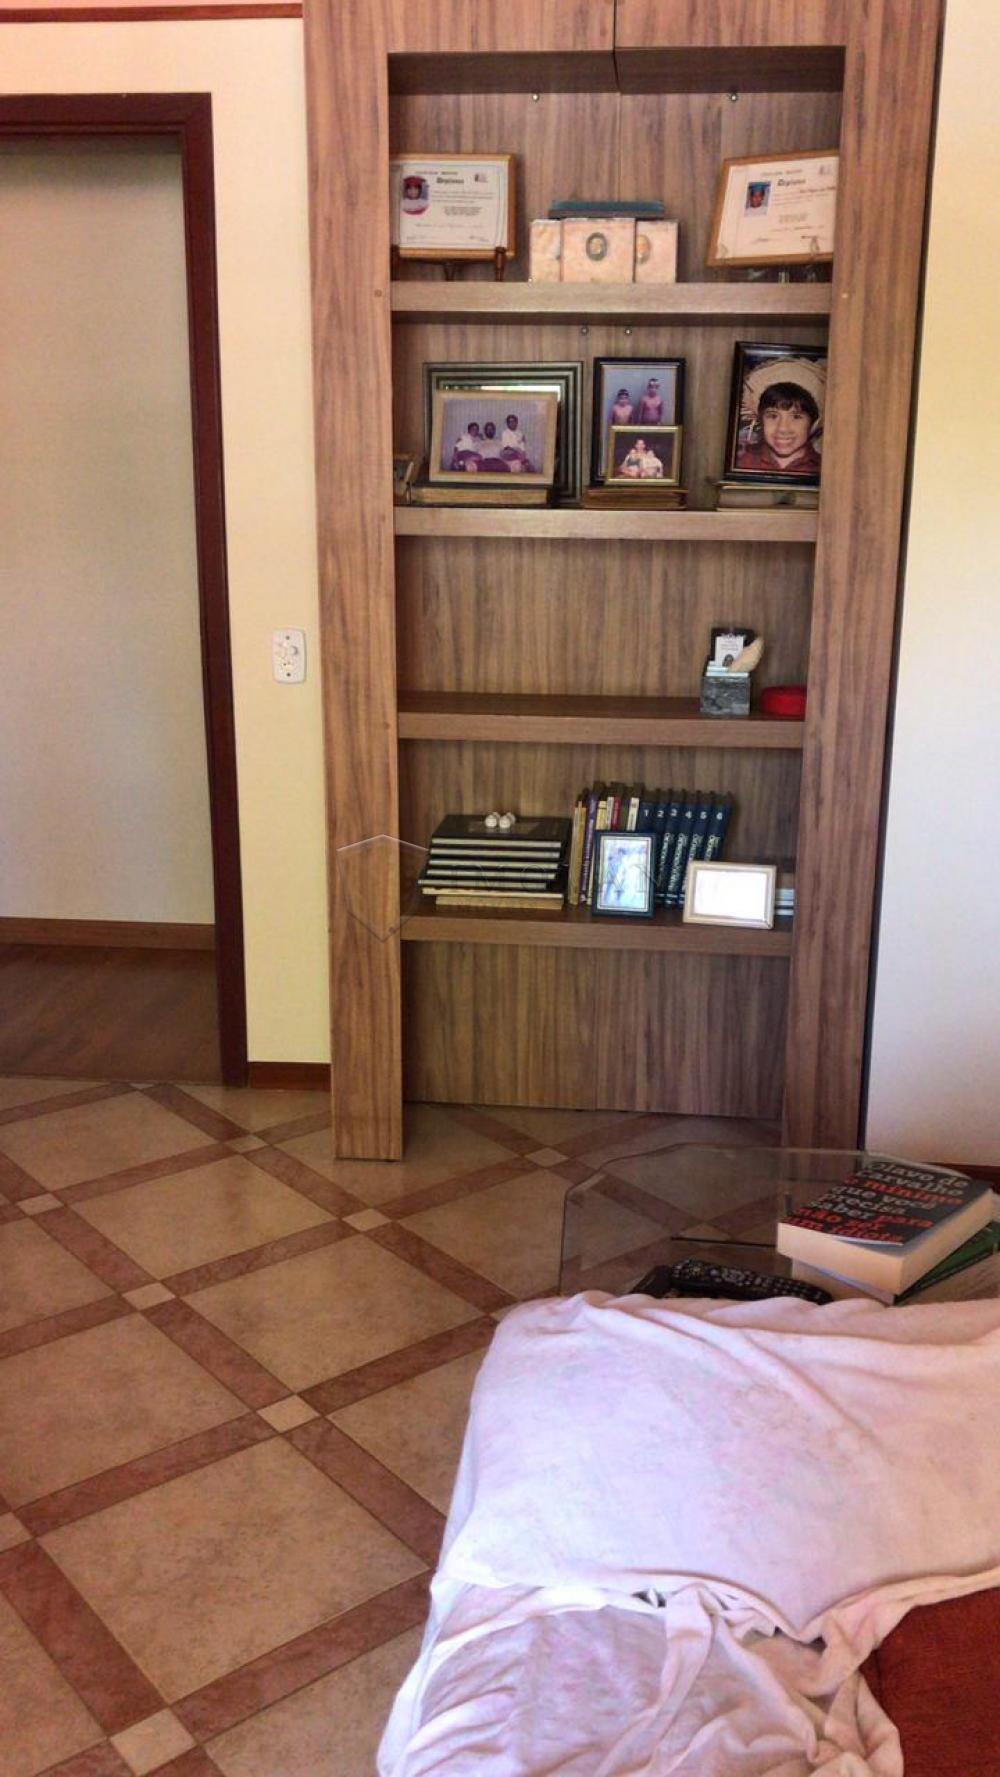 Comprar Apartamento / Padrão em Ribeirão Preto R$ 550.000,00 - Foto 9